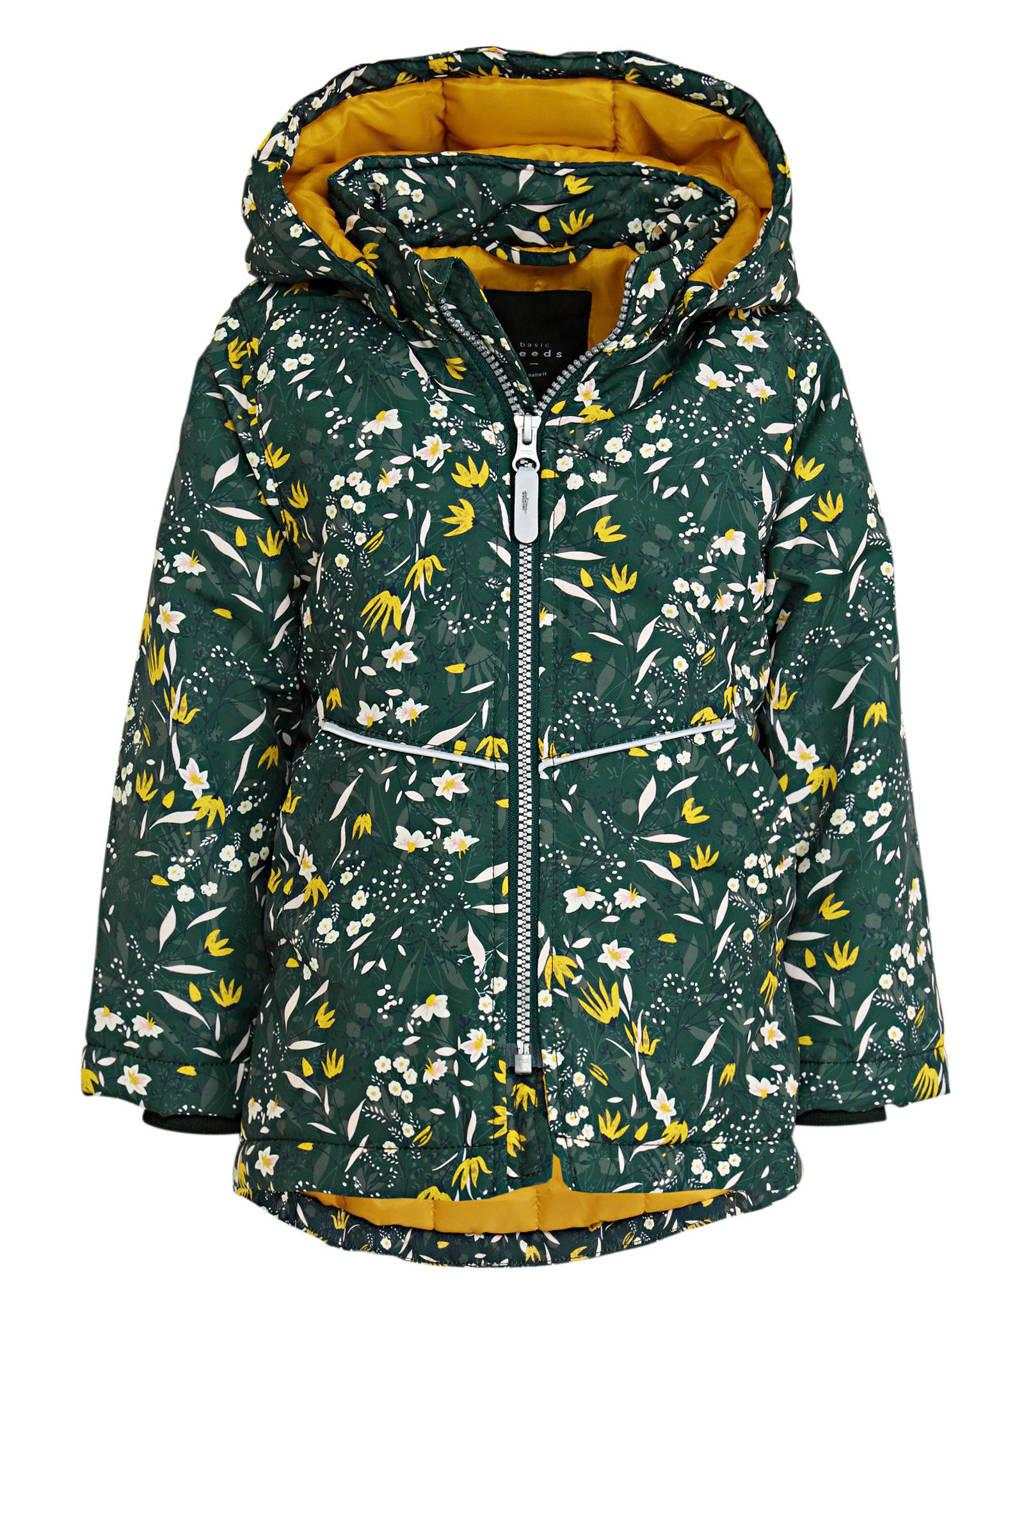 NAME IT MINI  winterjas Max met all over print groen/okergeel, Groen/Okergeel